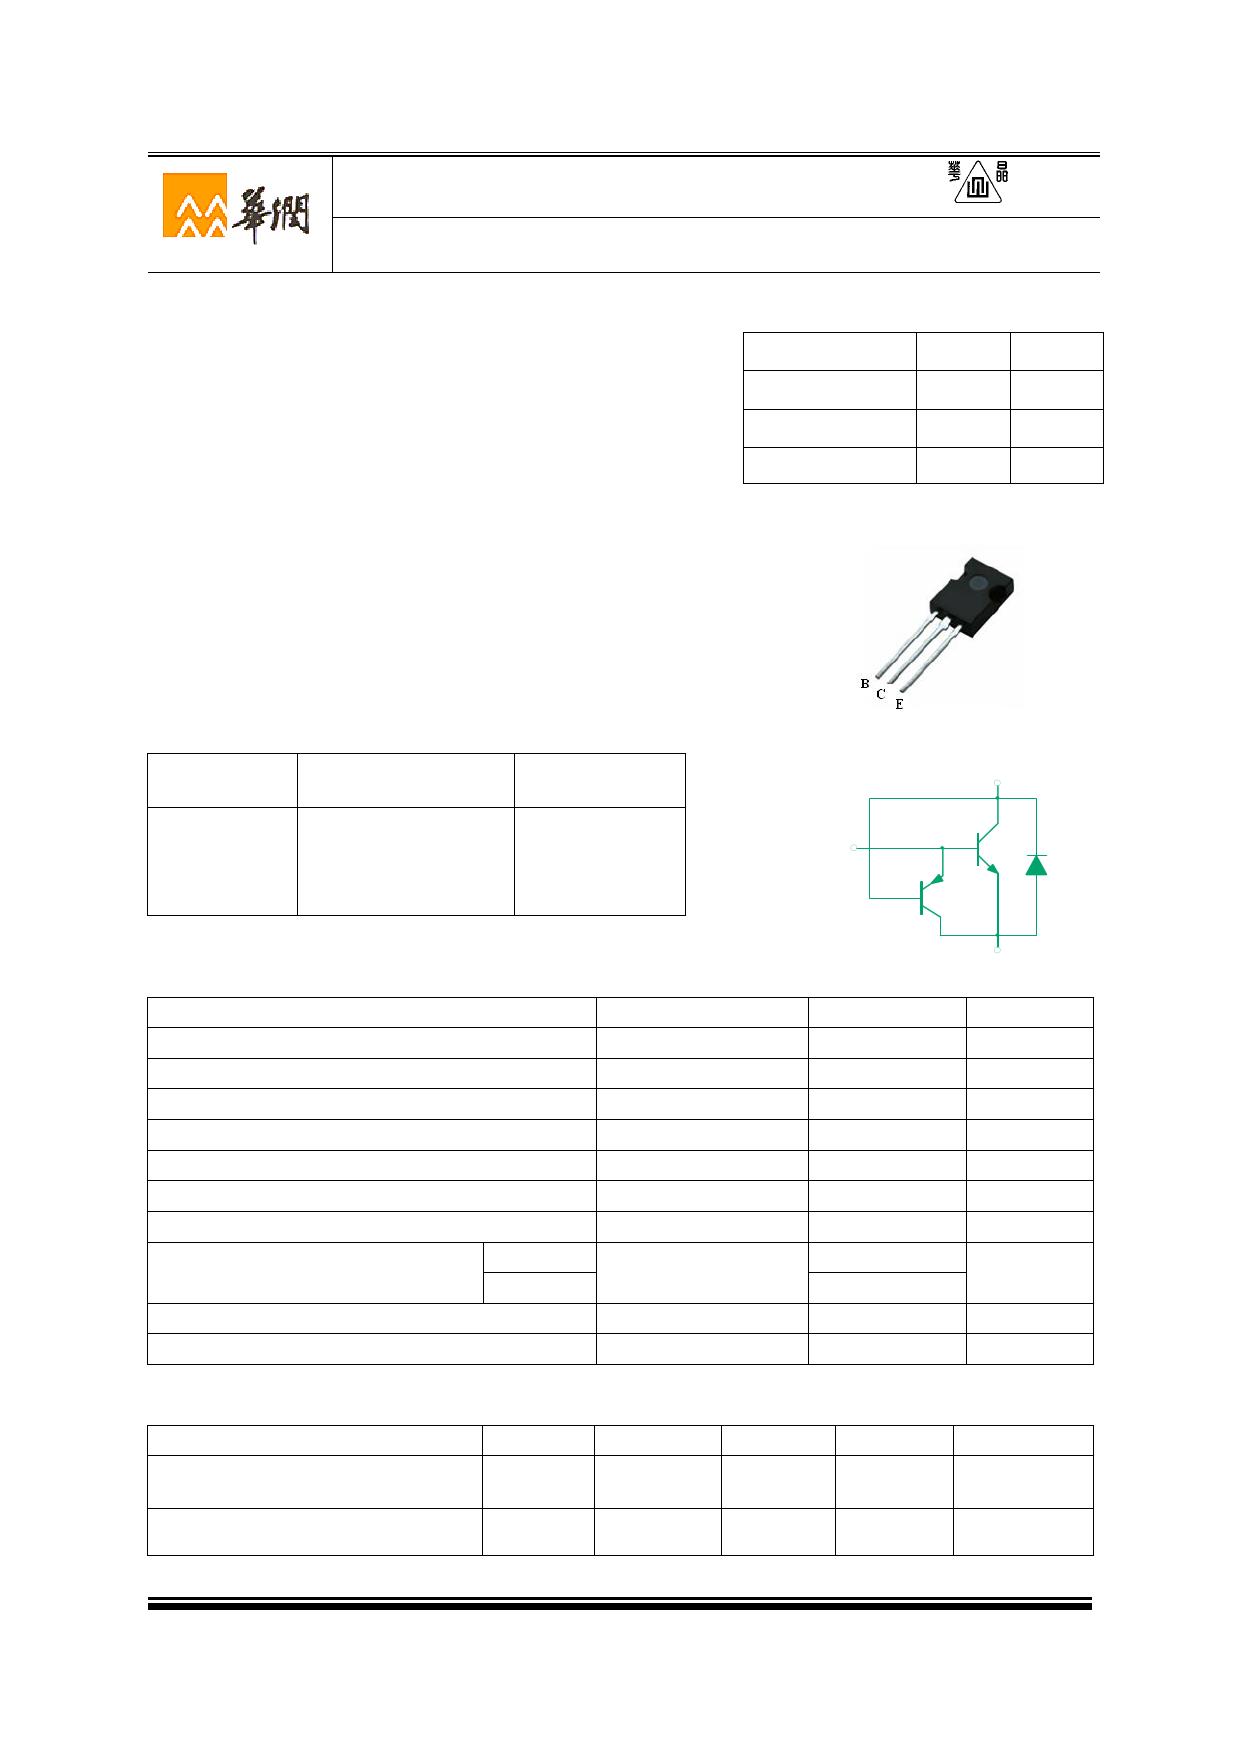 3DD128FA7D Datasheet, 3DD128FA7D PDF,ピン配置, 機能